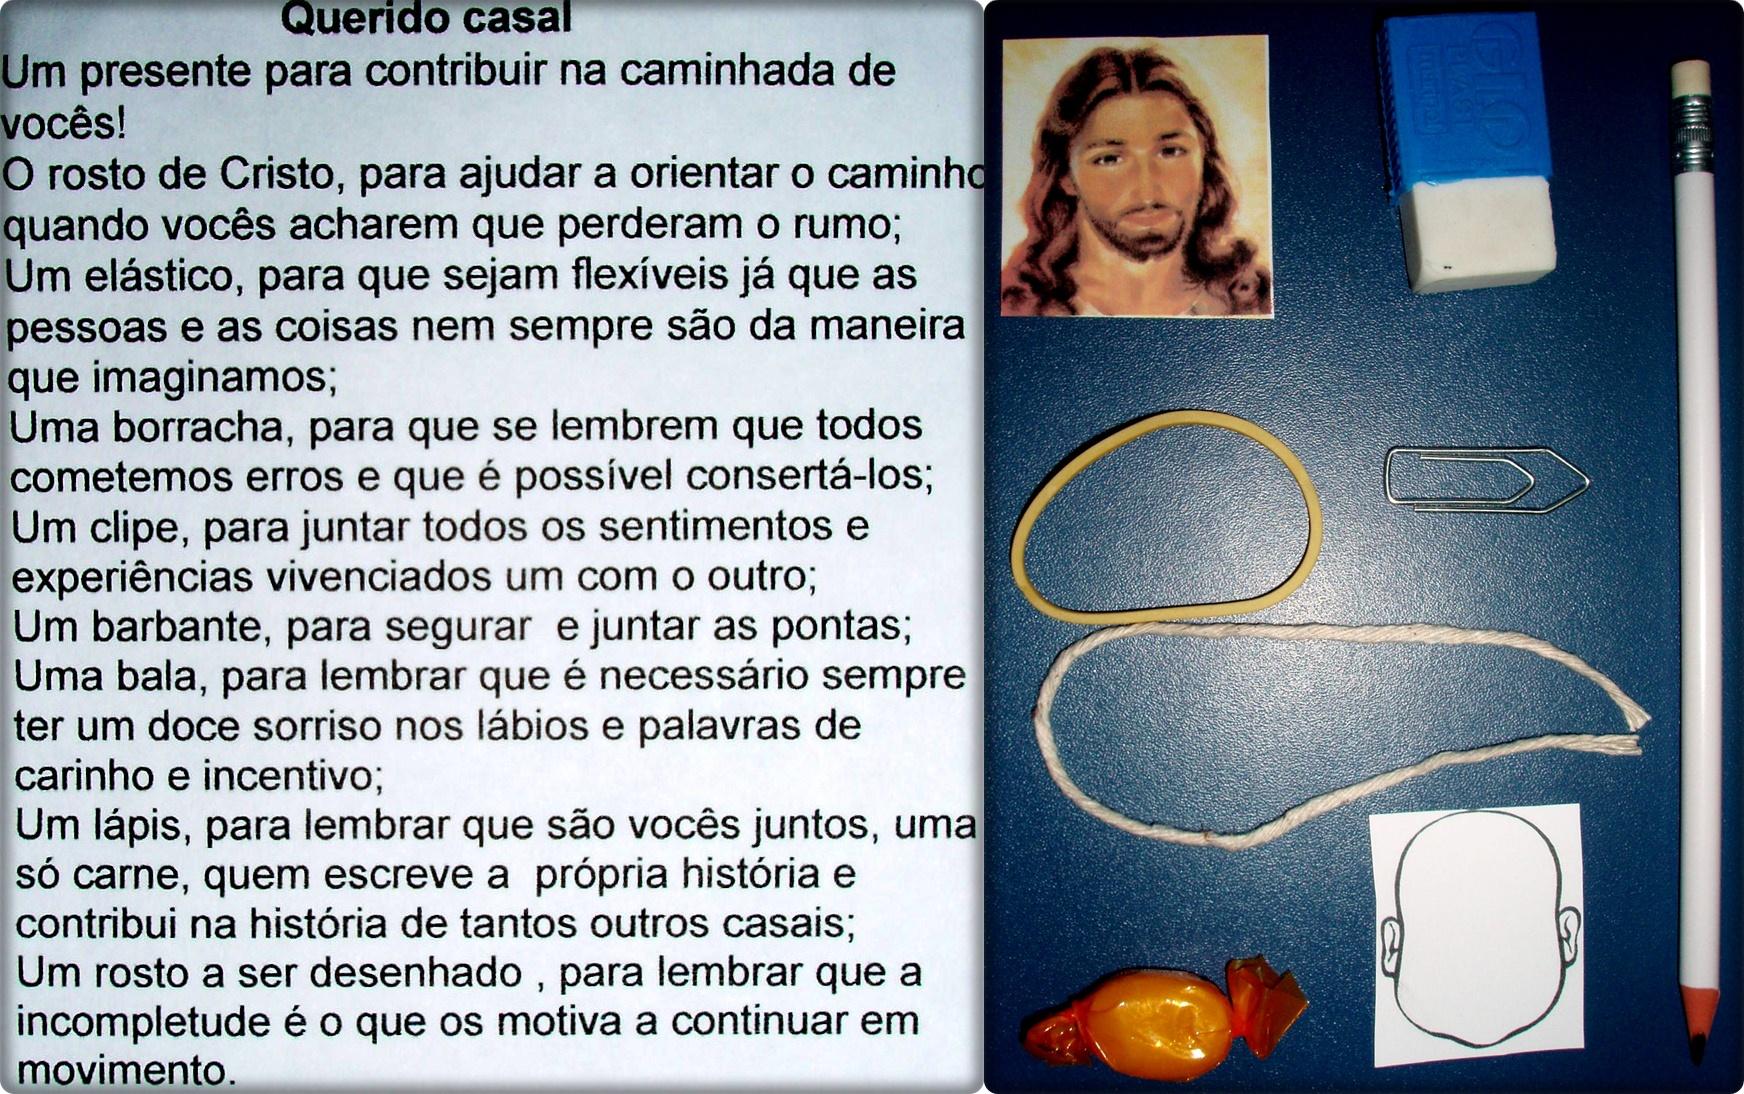 Juramento De Matrimonio Catolico : Casal vitória da conquista